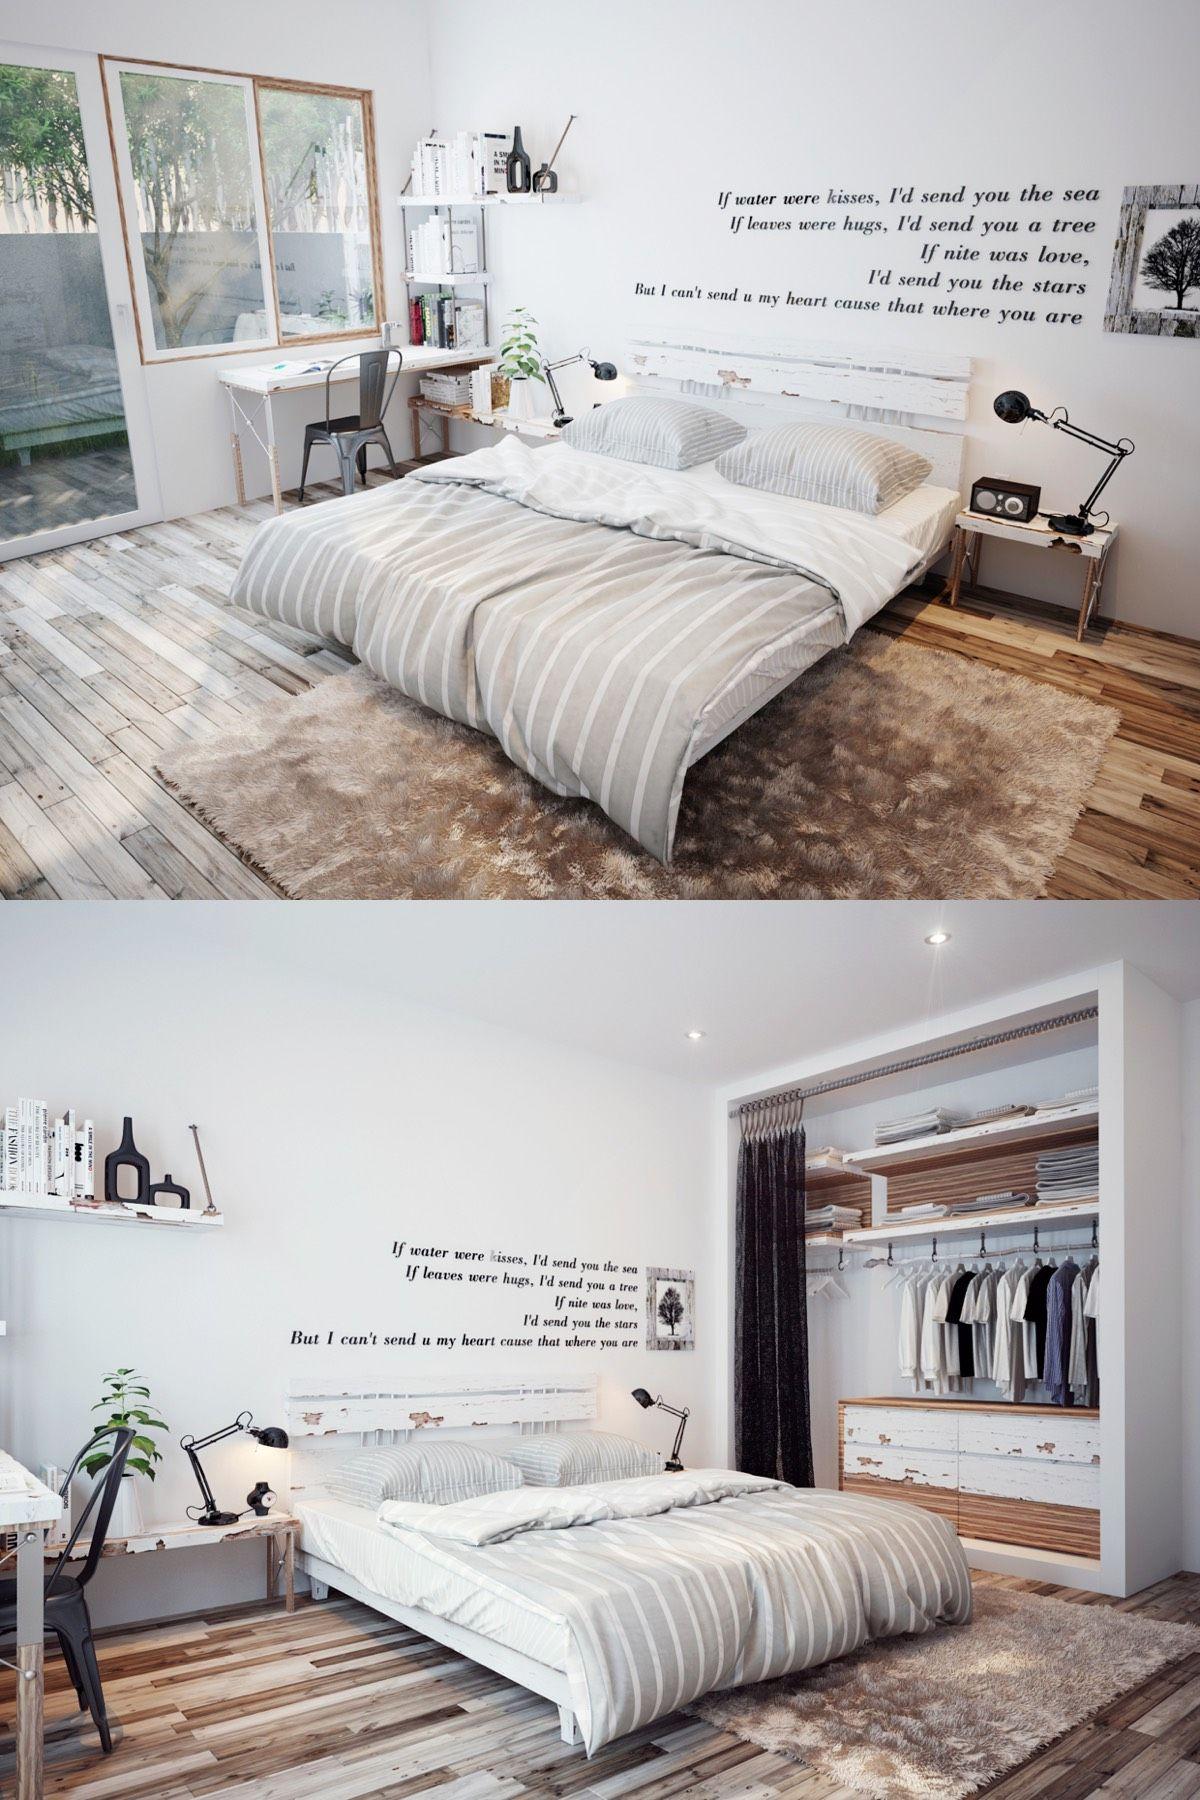 Tolle Einrichtungsideen Für Ihr Skandinavisches Schlafzimmer!